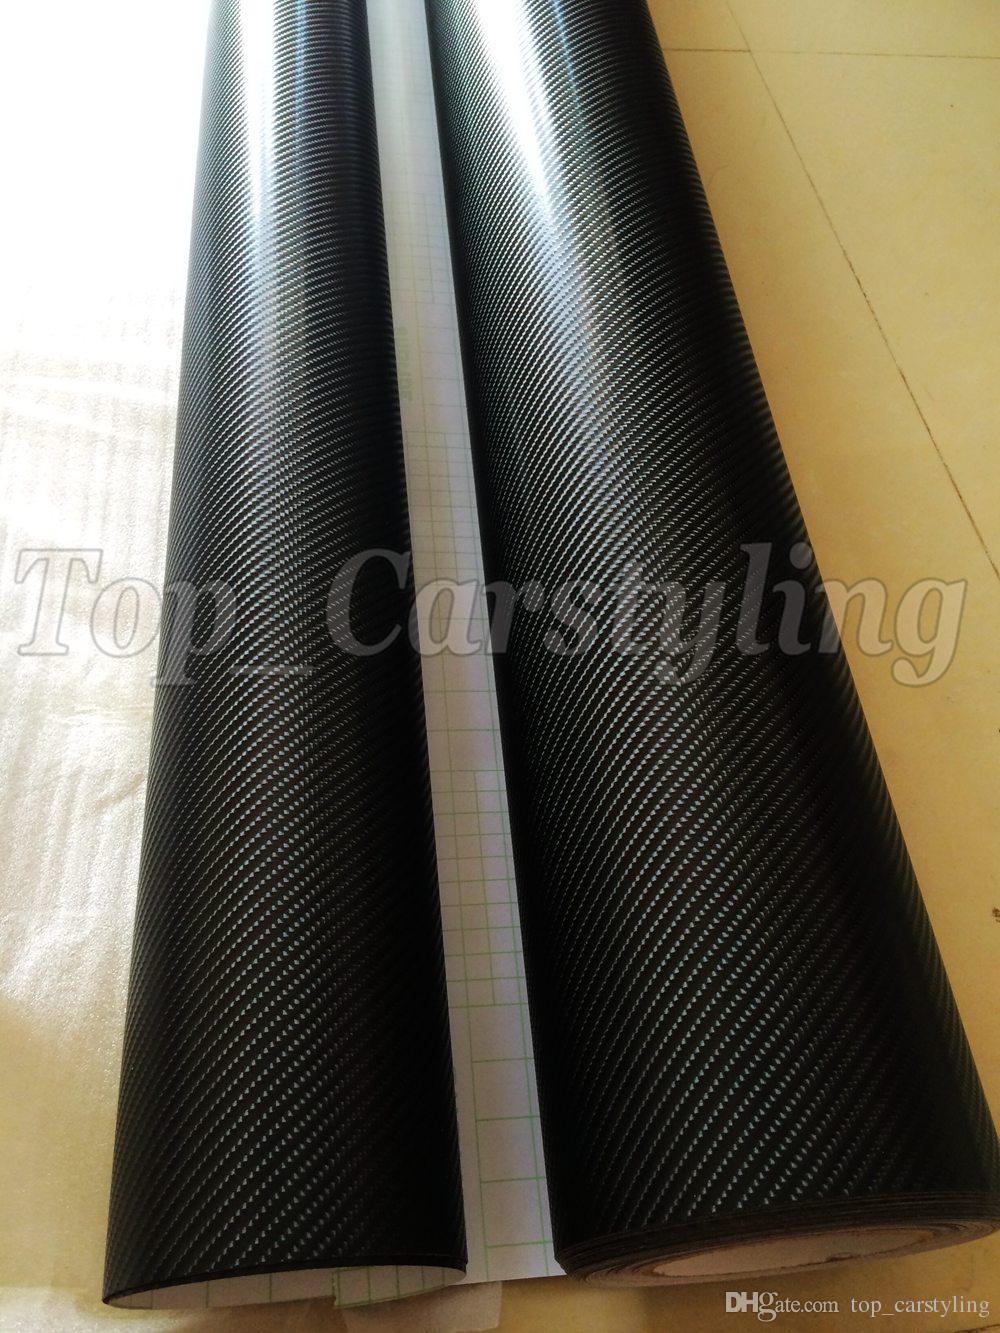 블랙 4D 탄소 섬유 VINYL WRAP 공기 버블 무료 차량용 자전거 / 에어 릴리스 자동차 / 보트 / 테이블 커버링 1.52x30m / 롤 5x98ft